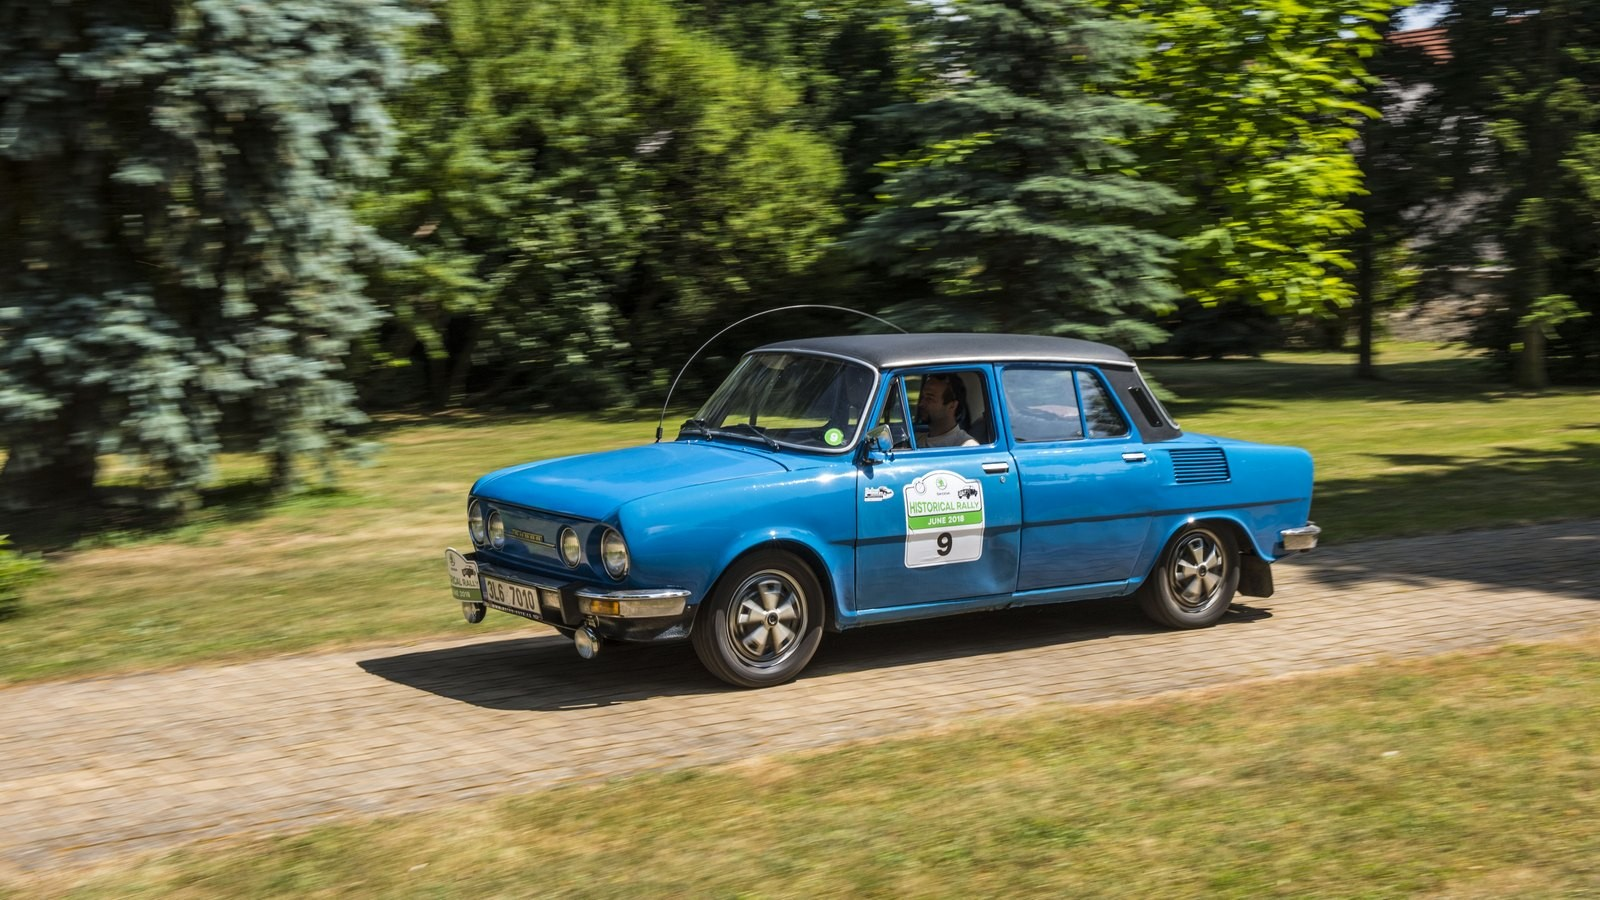 Skoda110 голубой в движении